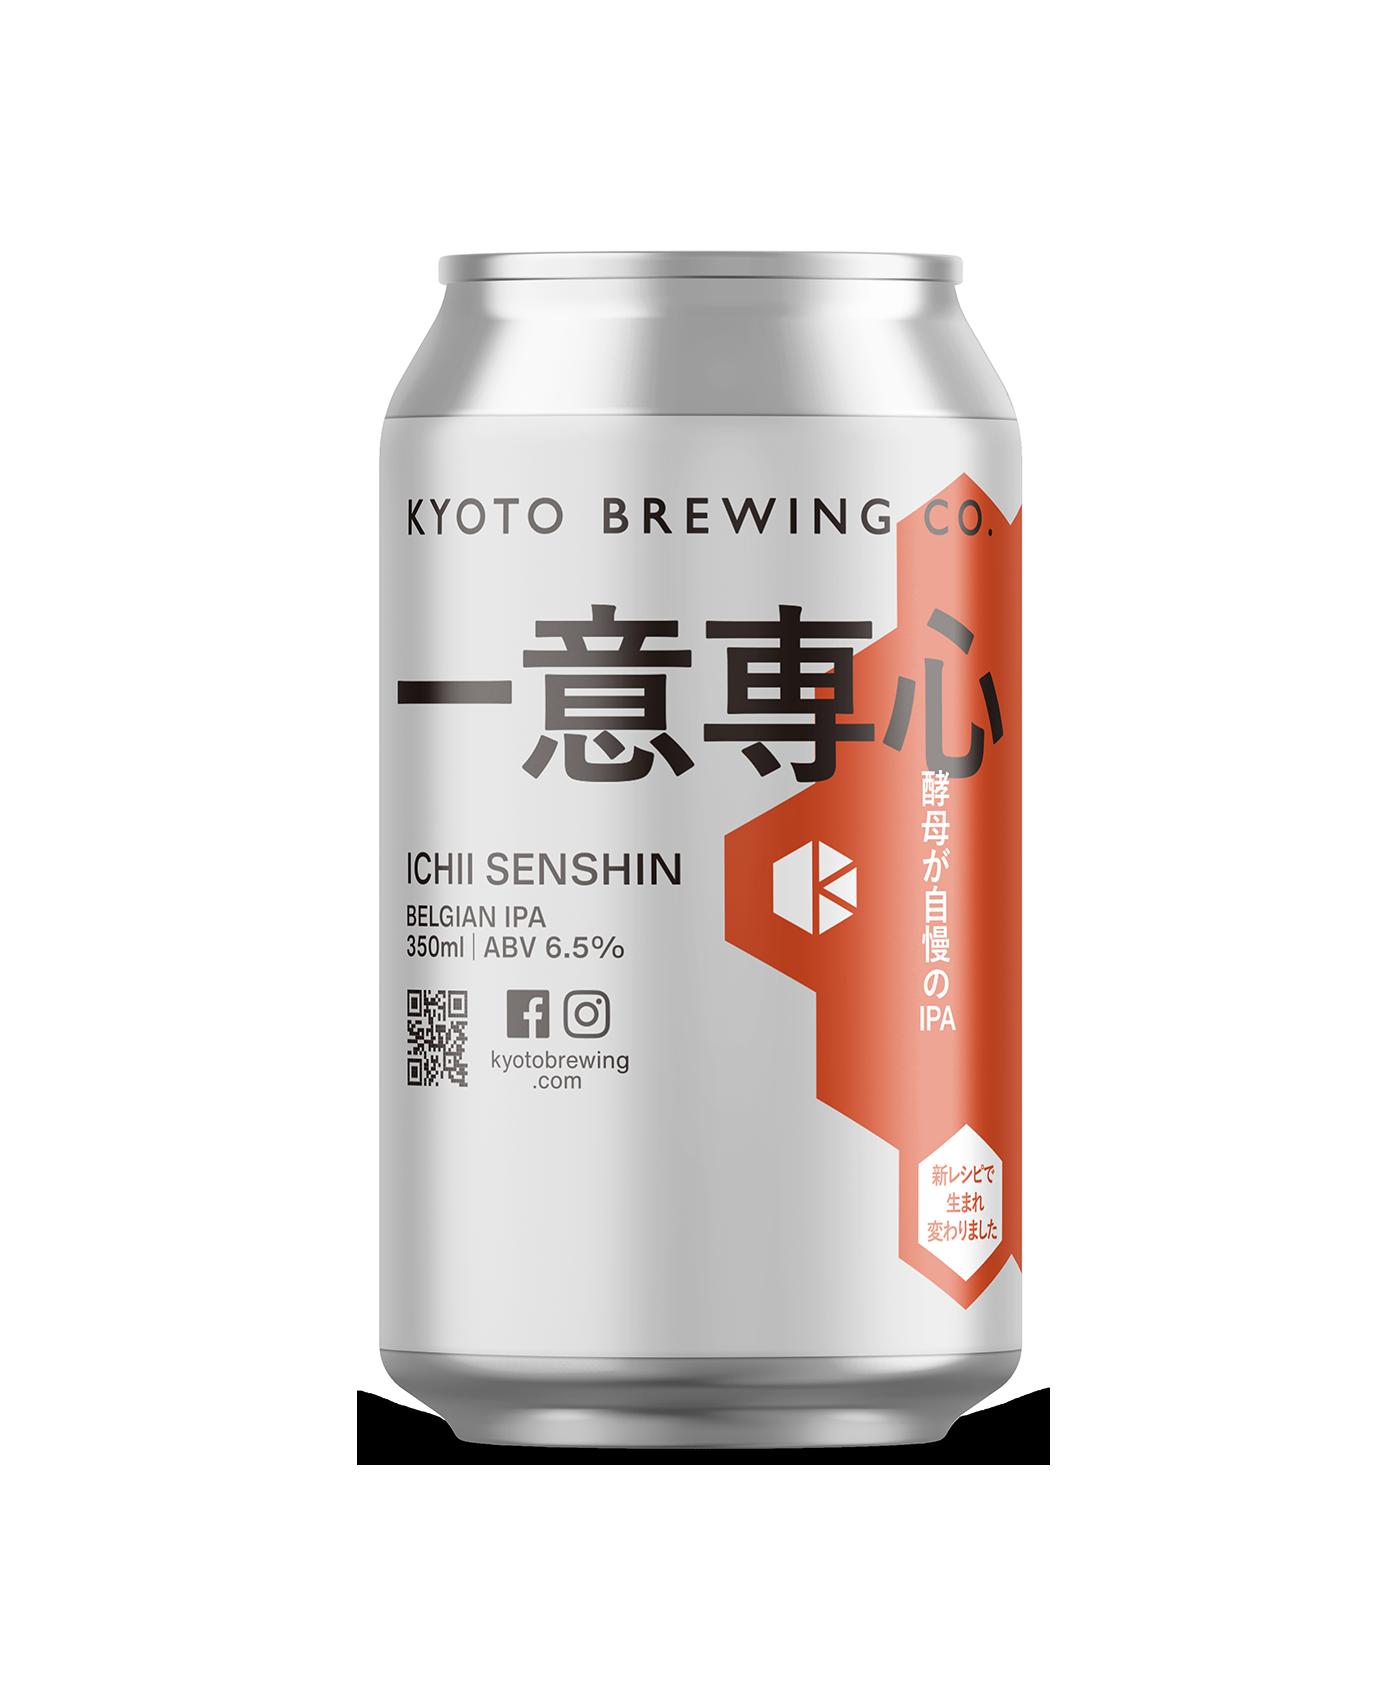 Kyoto Brewing Company Ichii Senshin